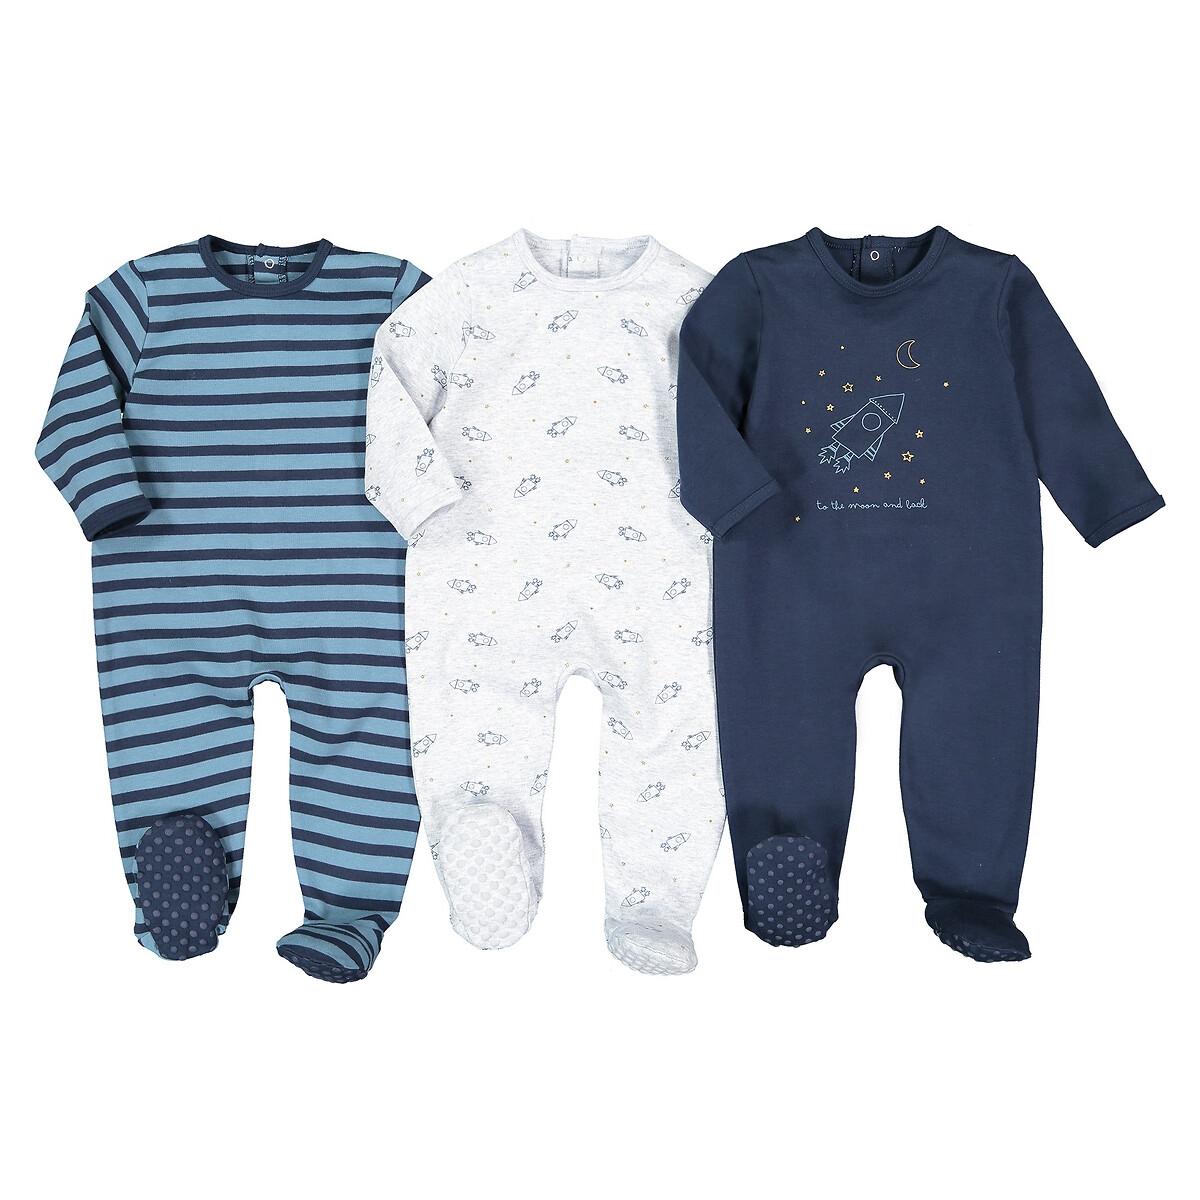 Комплект из 3 цельных пижам LaRedoute Из хлопка 0 мес - 3 года 1 мес. - 54 см серый пижама laredoute с носочками из велюра 0 мес 3 года 3 мес 60 см серый